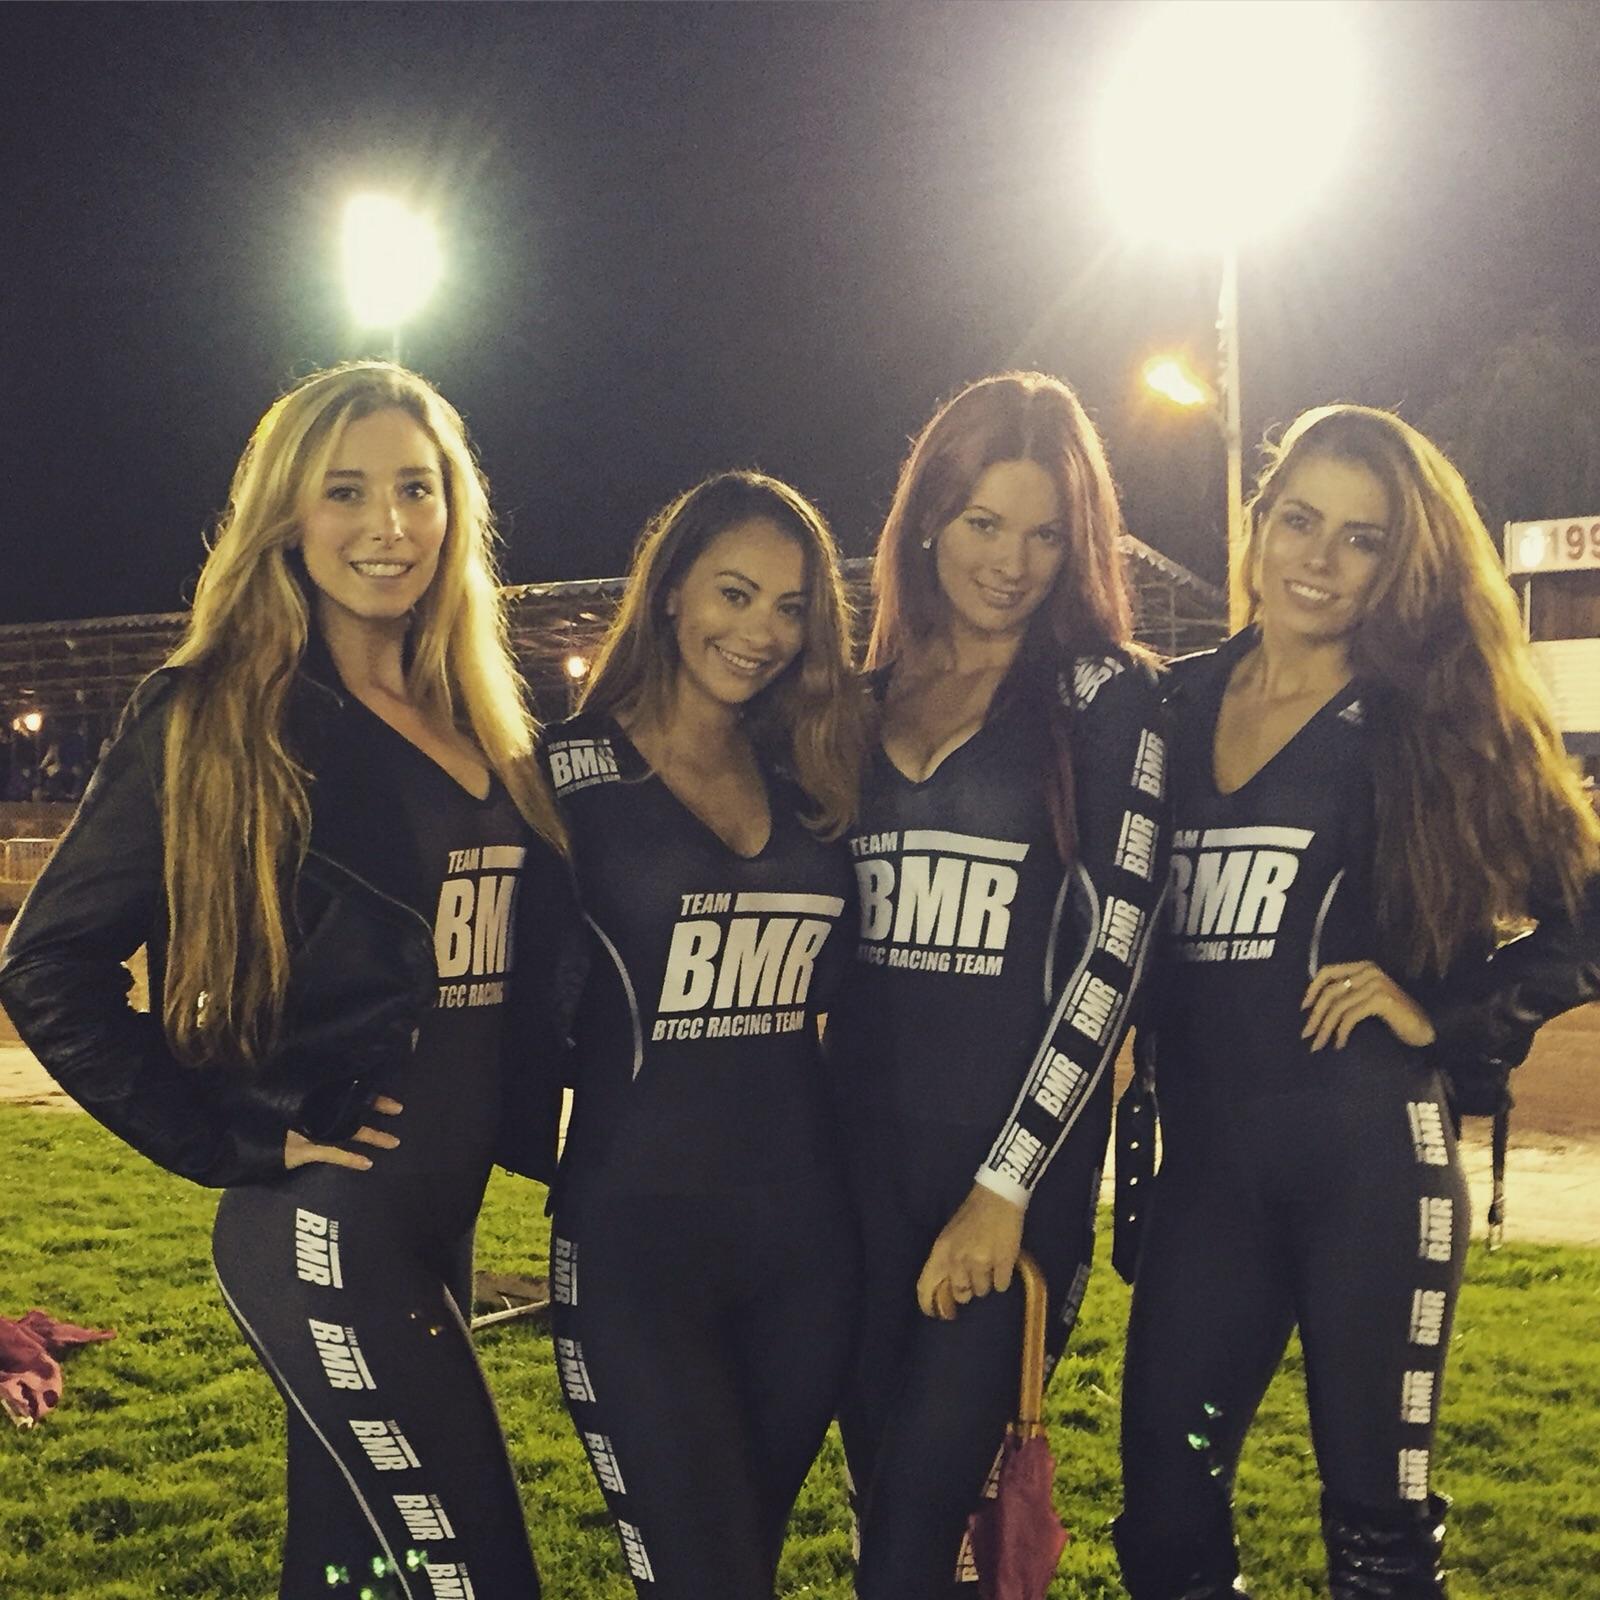 BMR at Rye House Speedway